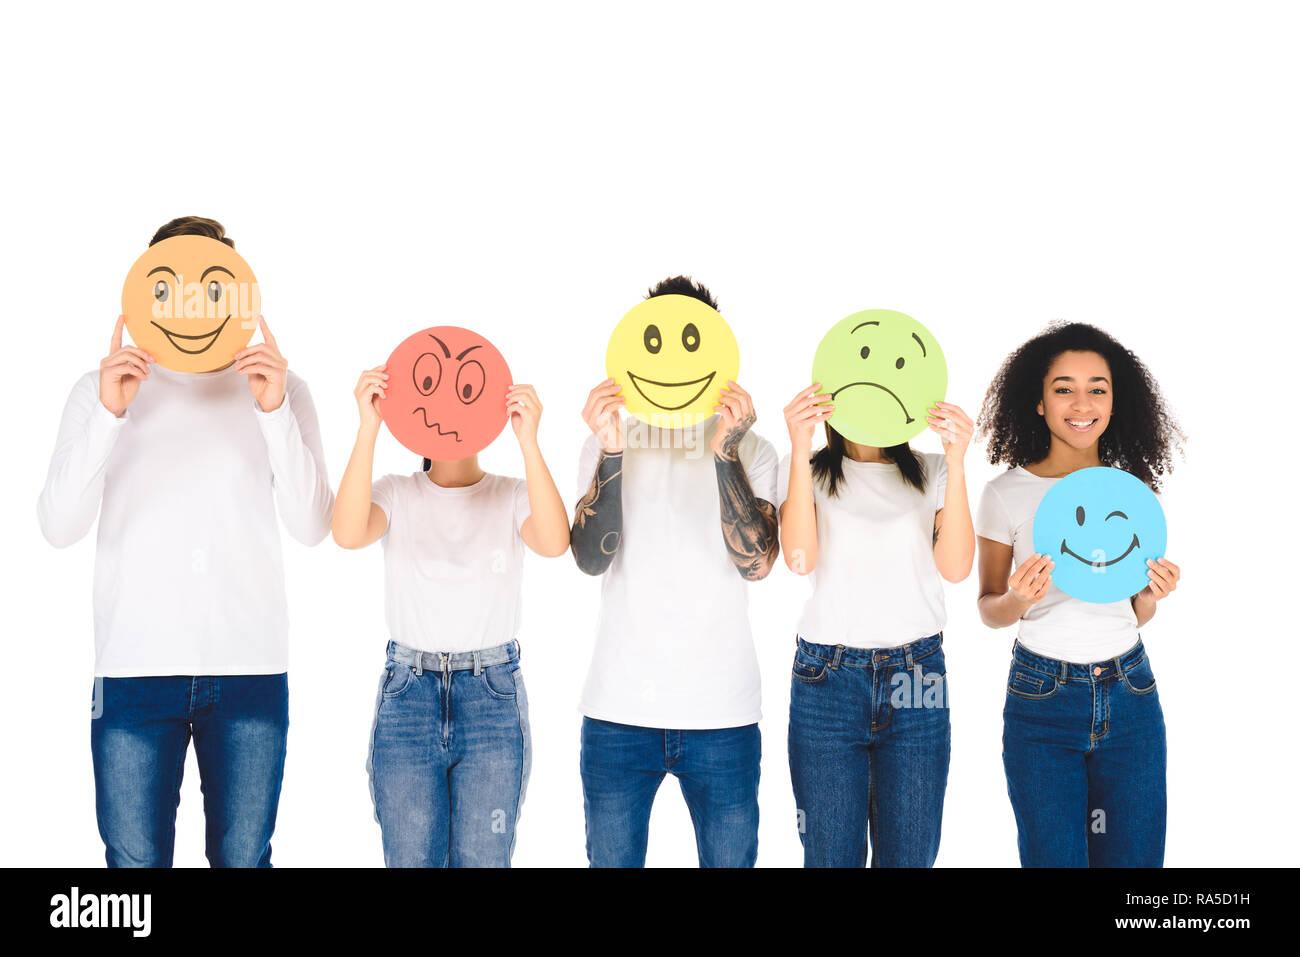 b0ae88ef694 Jóvenes amigos multicultural en camisetas blancas sosteniendo carteles con  expresiones facial aislado en blanco